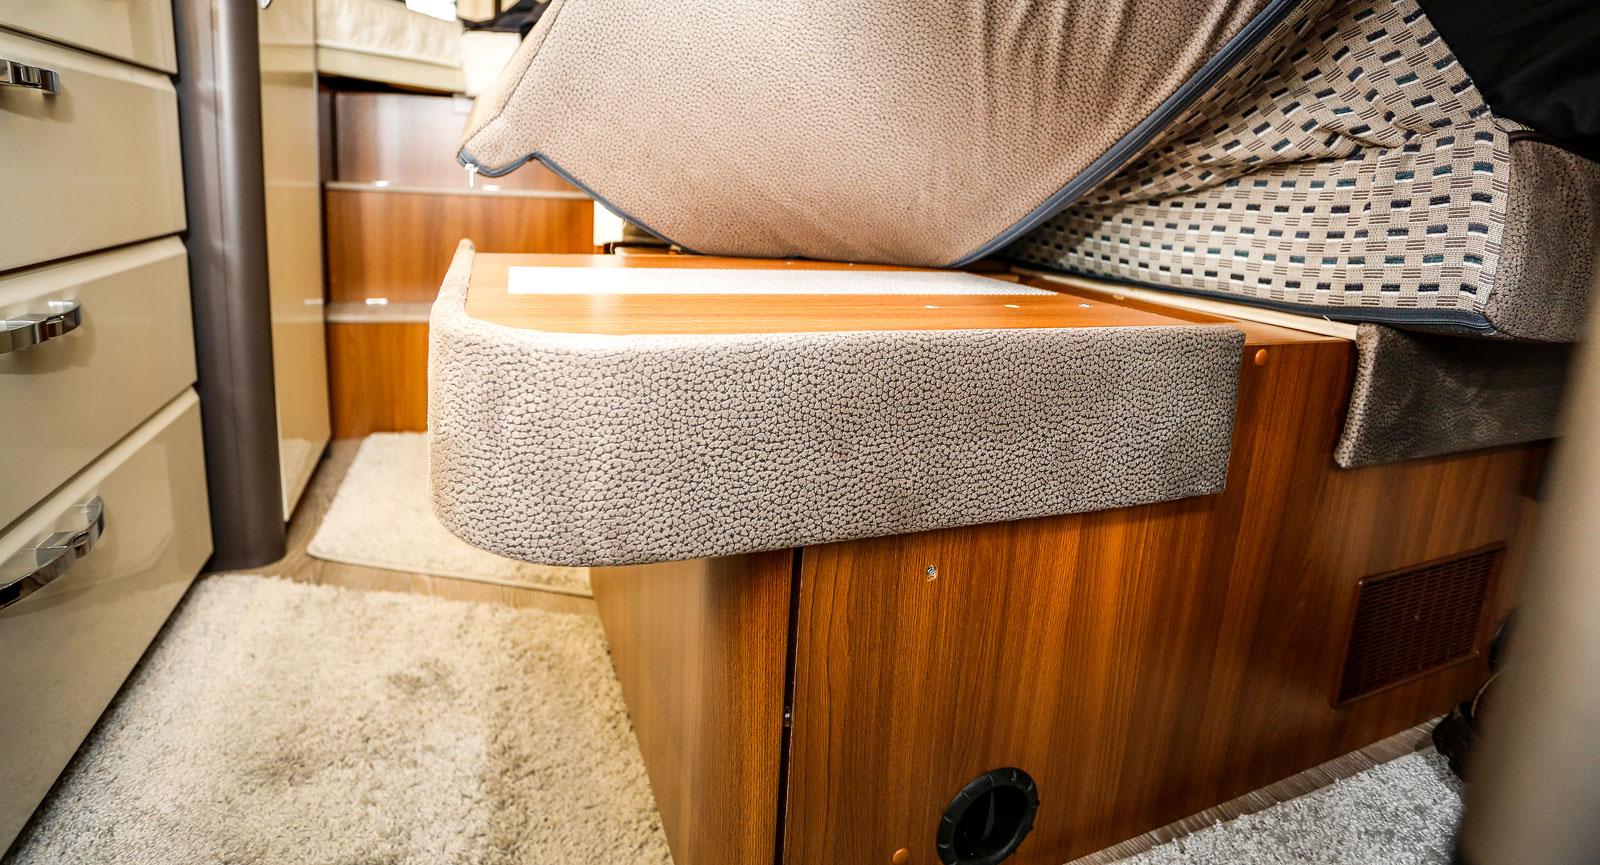 Färdsoffan kan breddas så att två personer sitter bekvämare till bords. Ett smart och praktiskt sätt att göra tillvaron enklare.